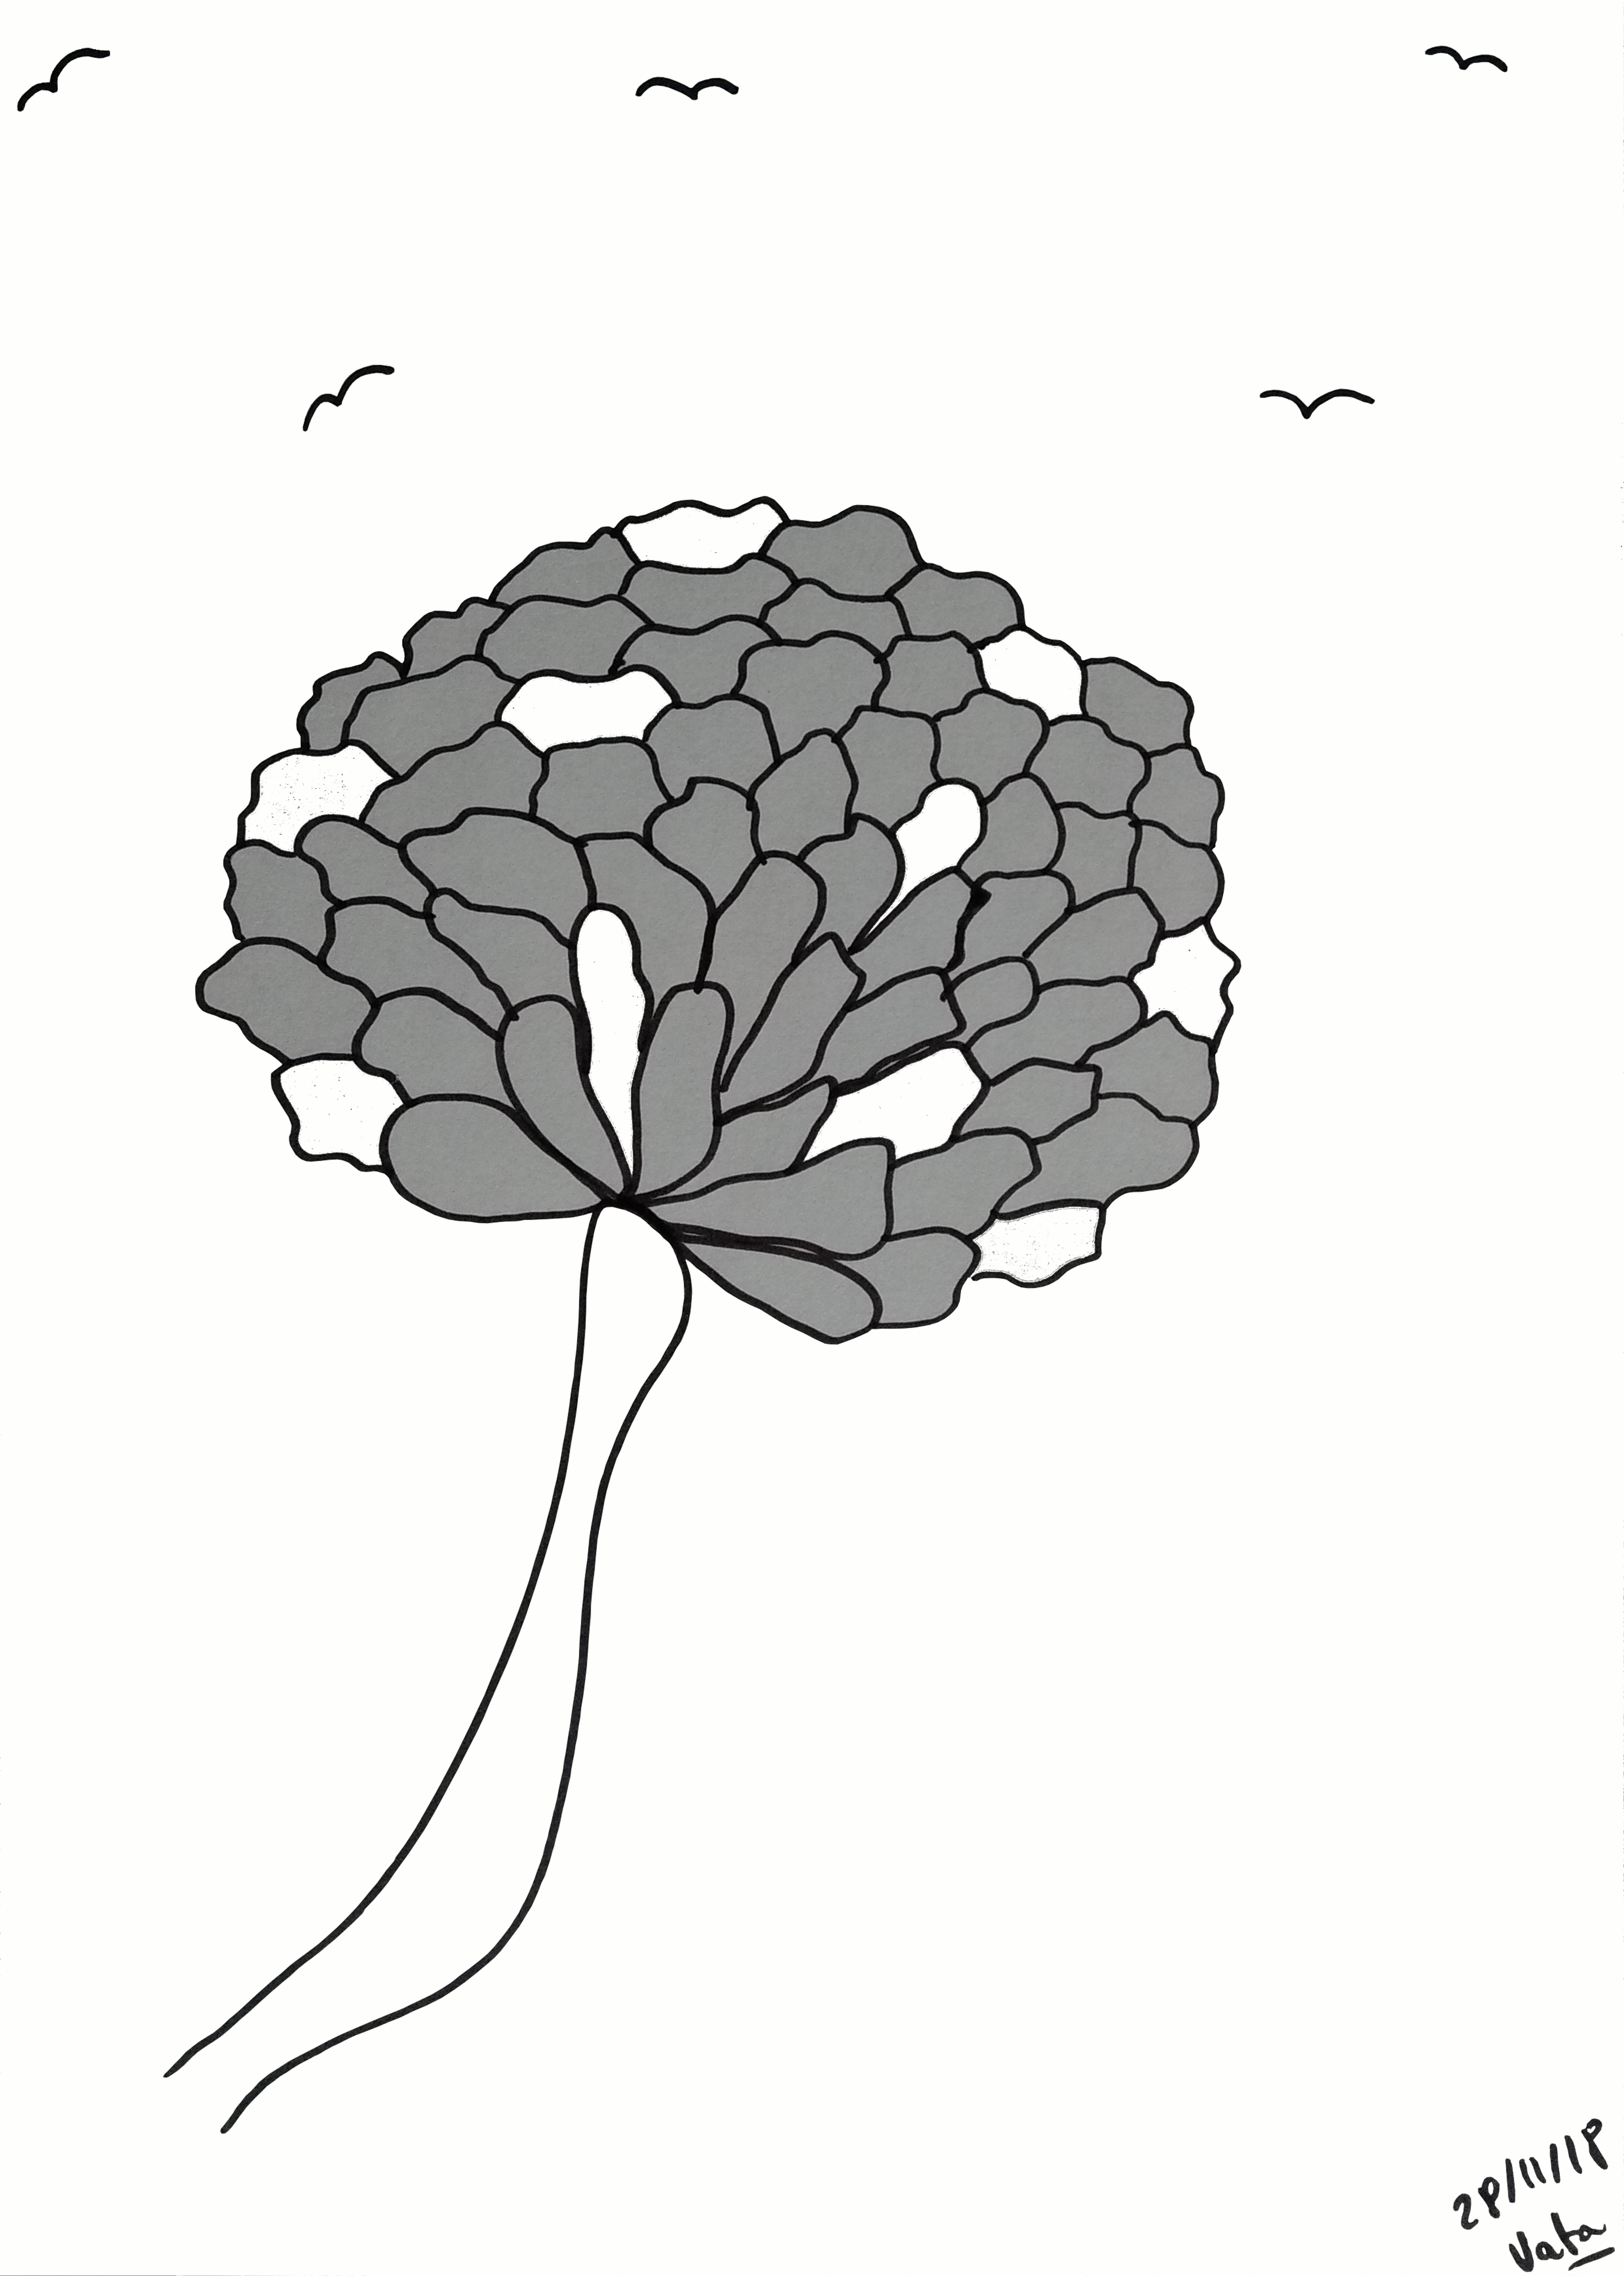 DESSIN papier fleur noir et blanc, Vata.